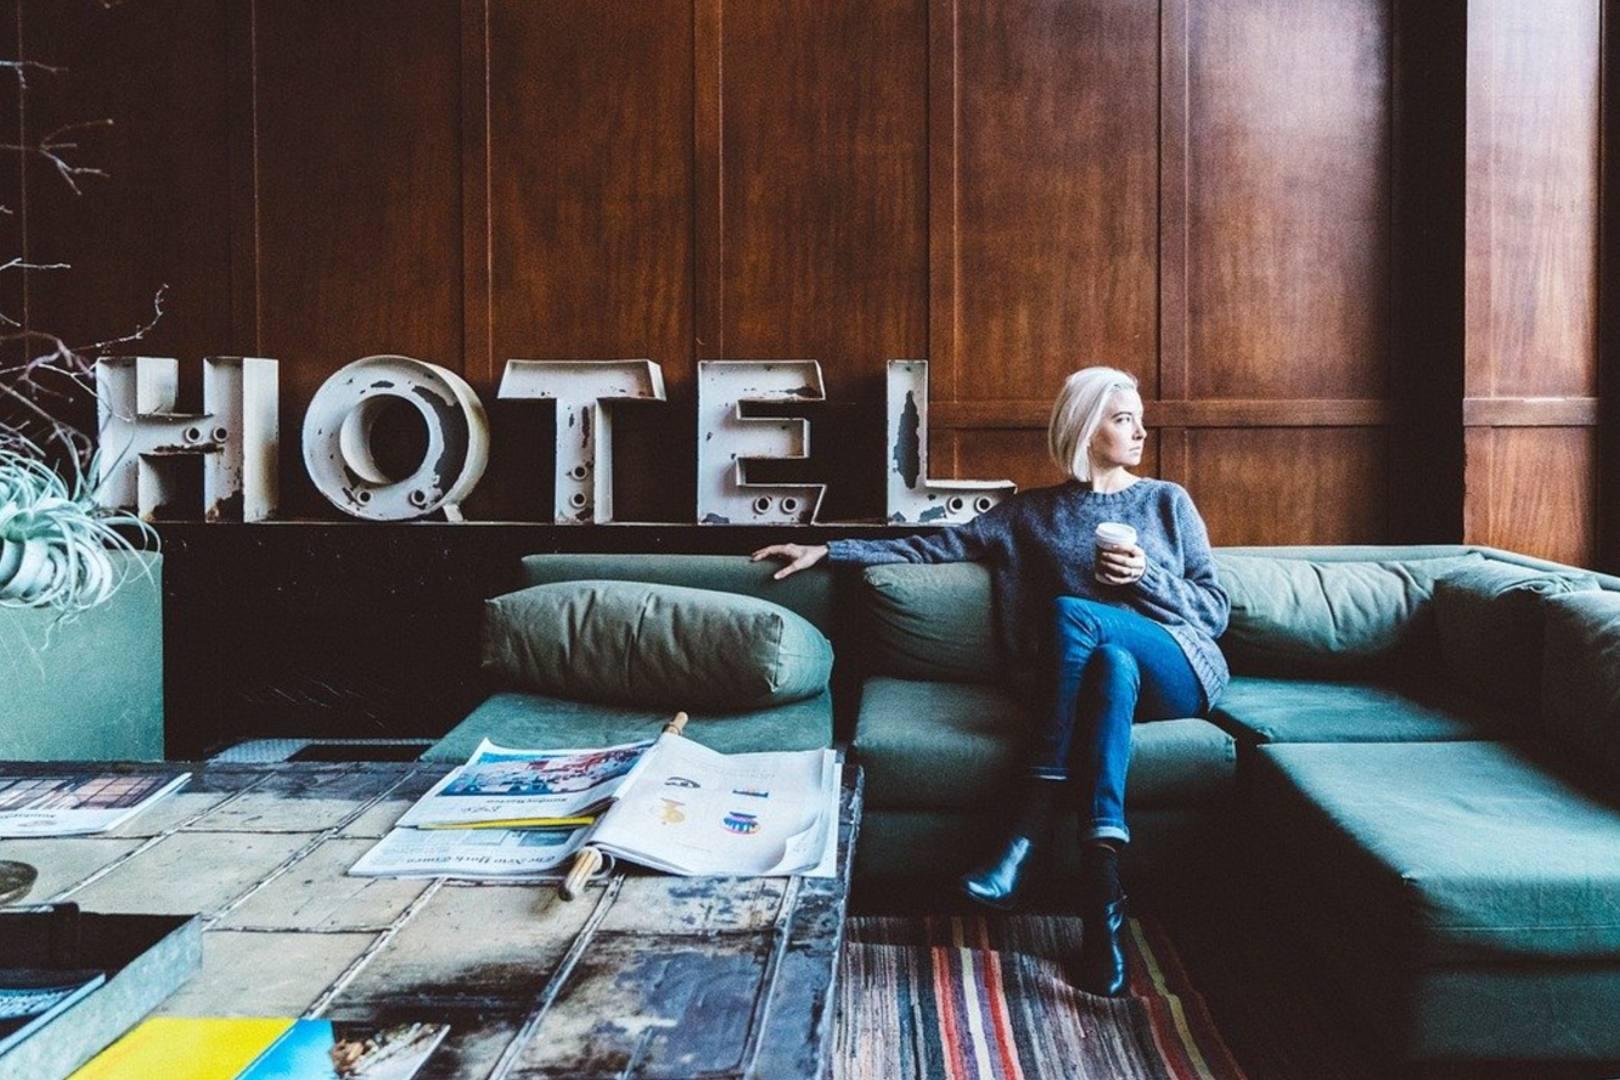 Rząd opublikował rozporządzenie ws. otwierania hoteli